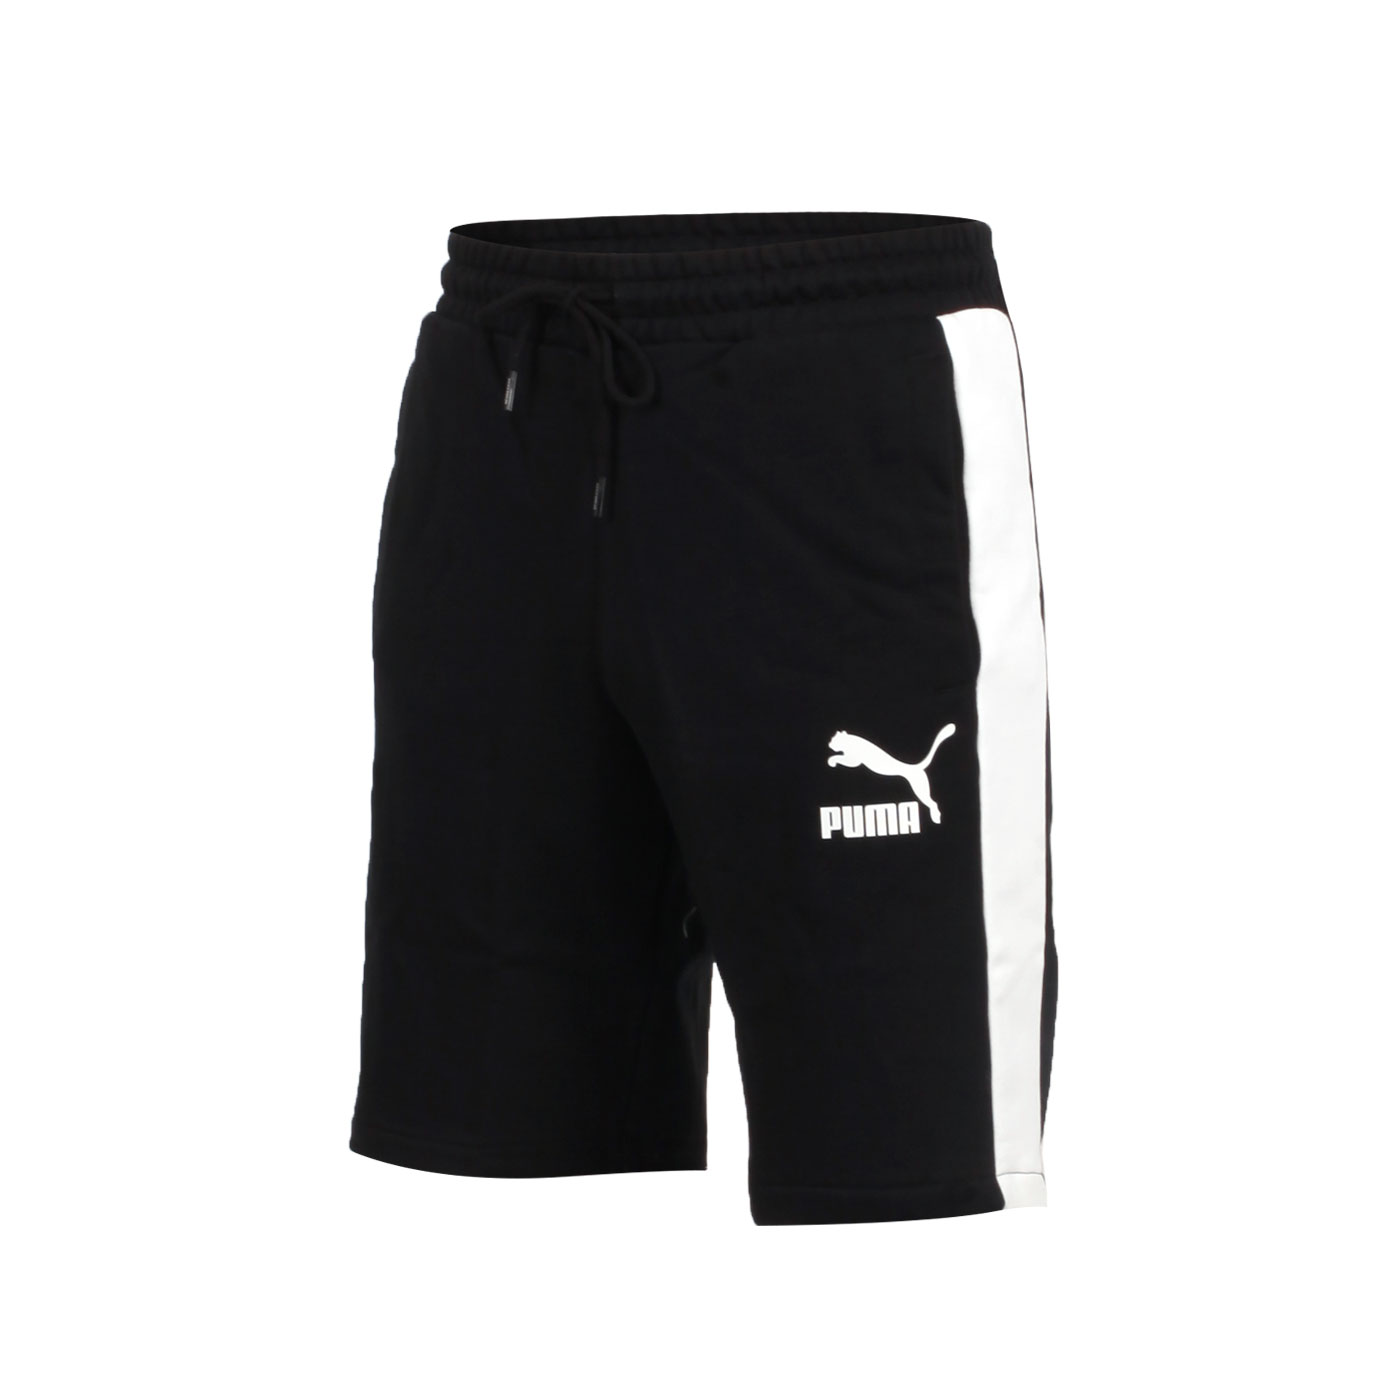 PUMA 男款流行系列T7棉質10吋短褲 58155901 - 黑白